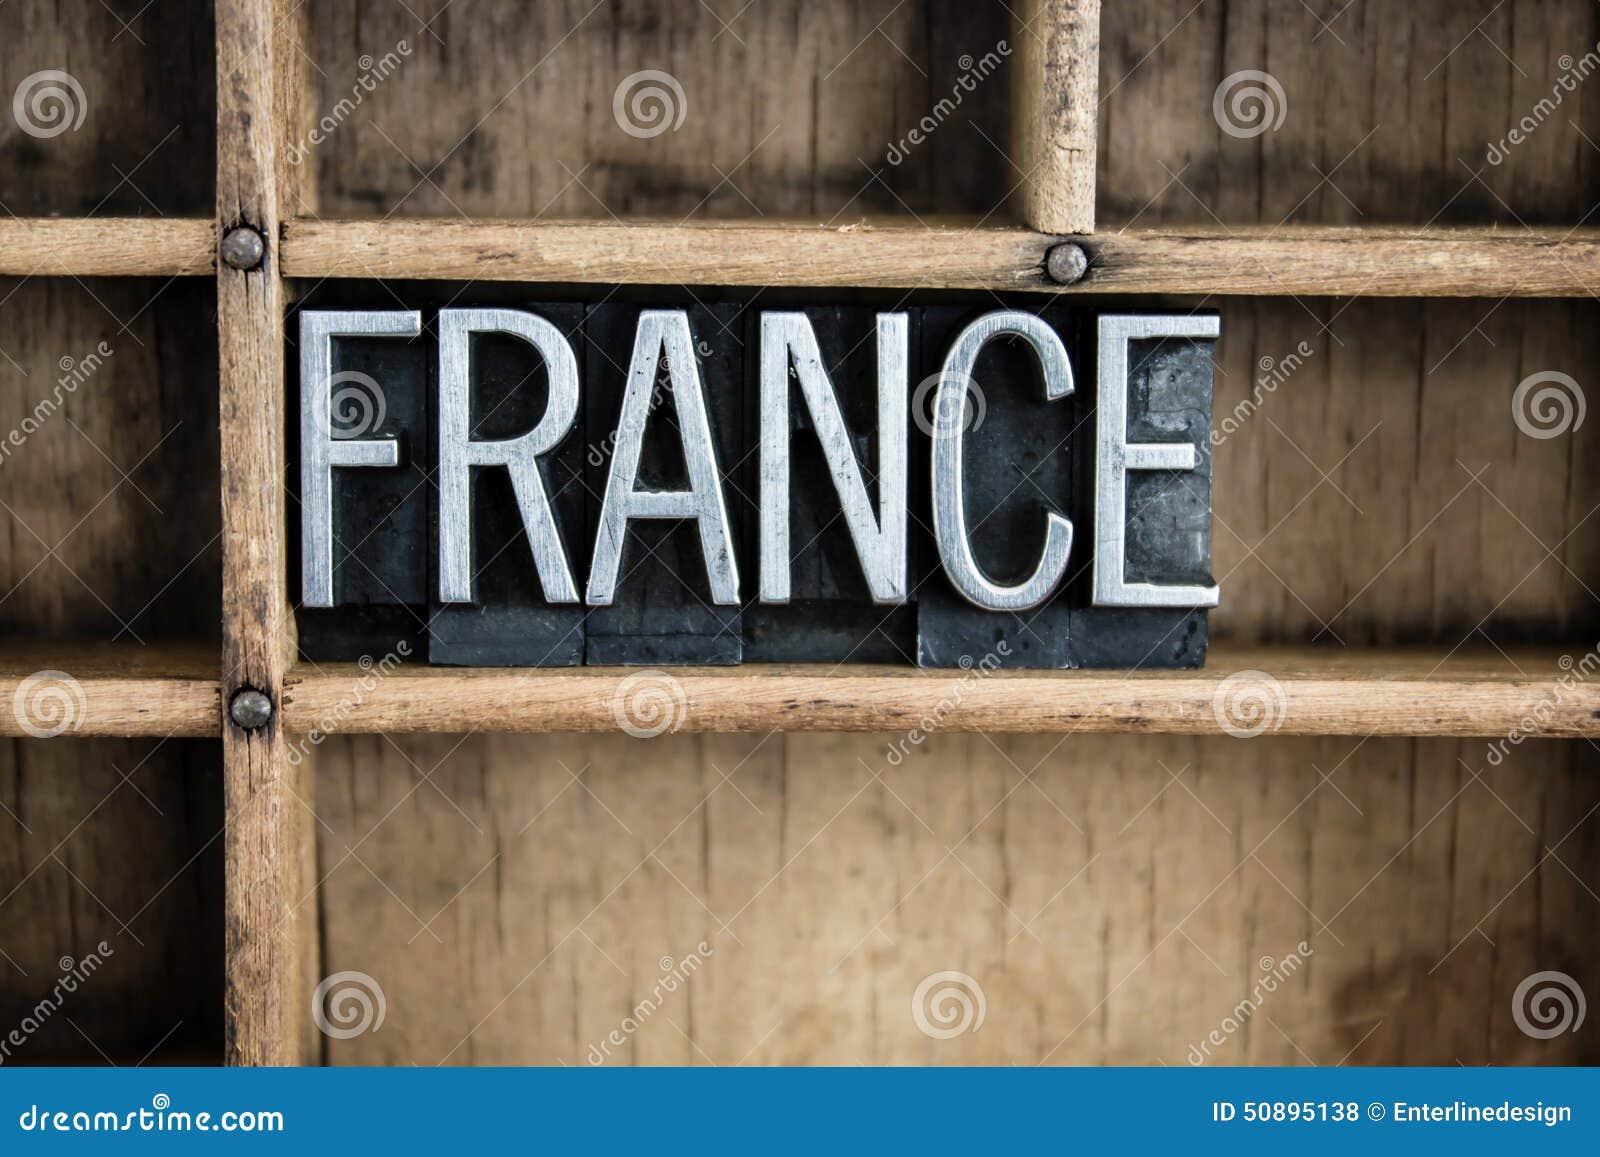 Frankreich-Konzept-Metallbriefbeschwerer-Wort im Fach